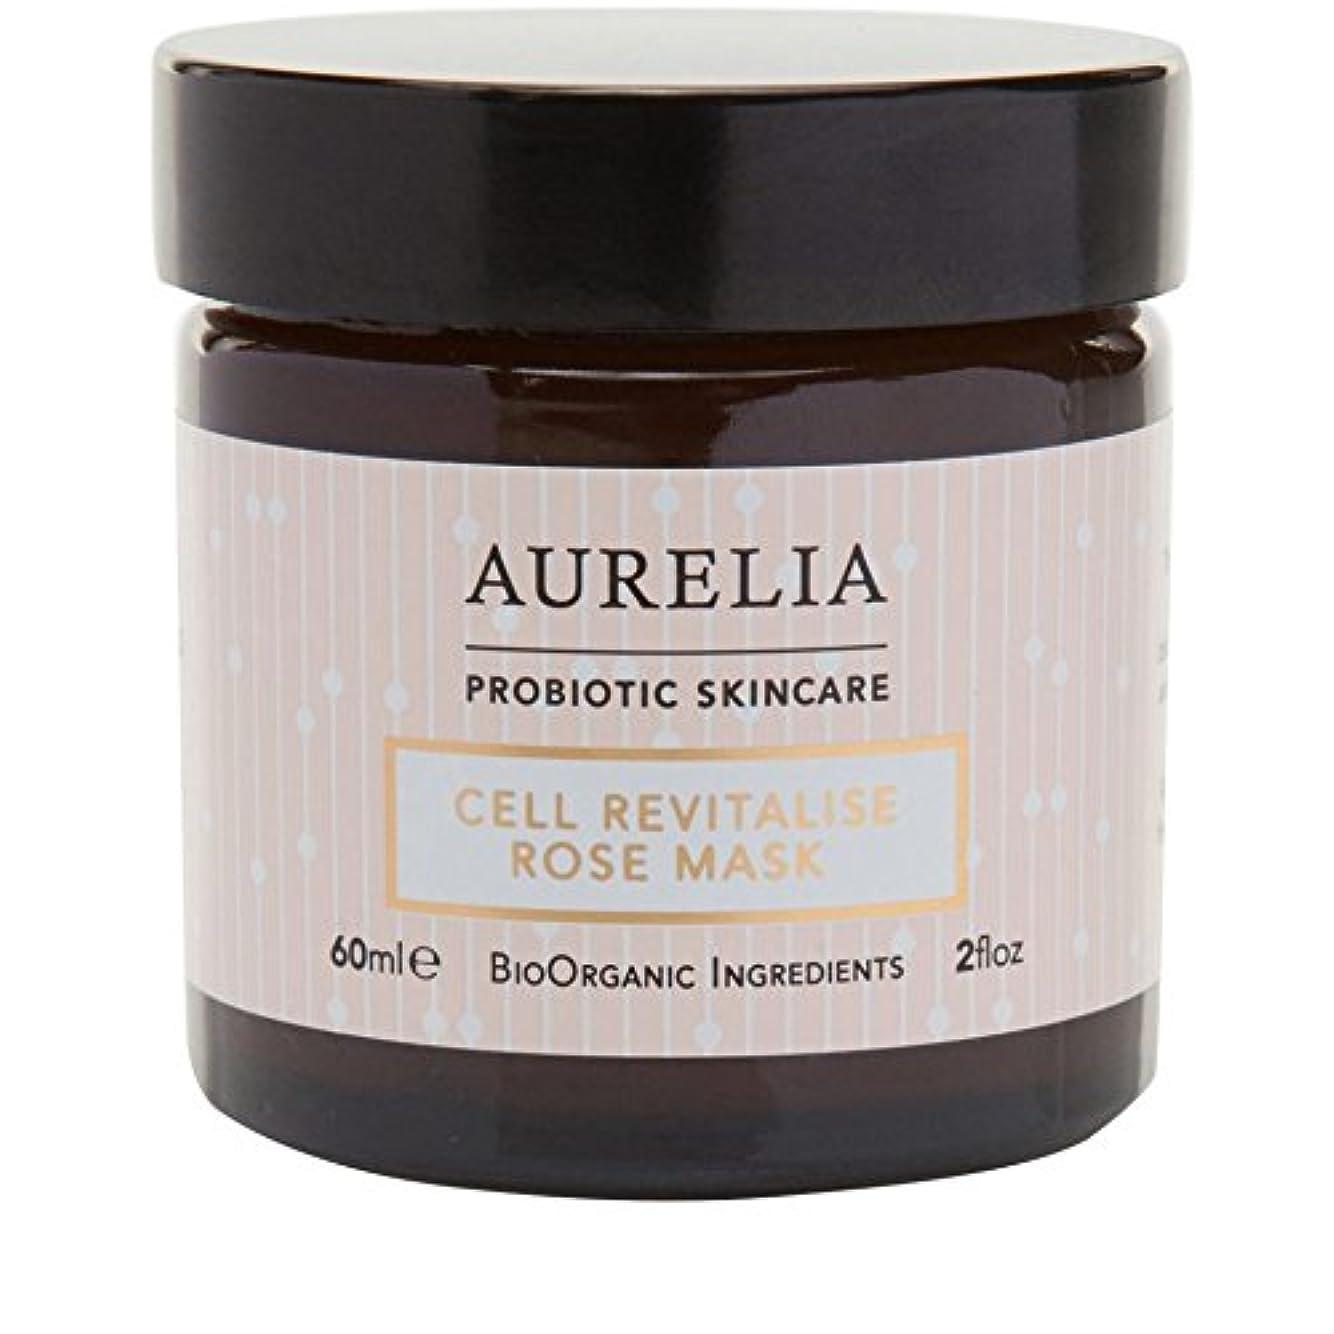 役立つ目に見える書士[Aurelia Probiotic Skincare] アウレリアプロバイオティクススキンケア細胞の活力アップは、マスク60ミリリットルをバラ - Aurelia Probiotic Skincare Cell Revitalise...